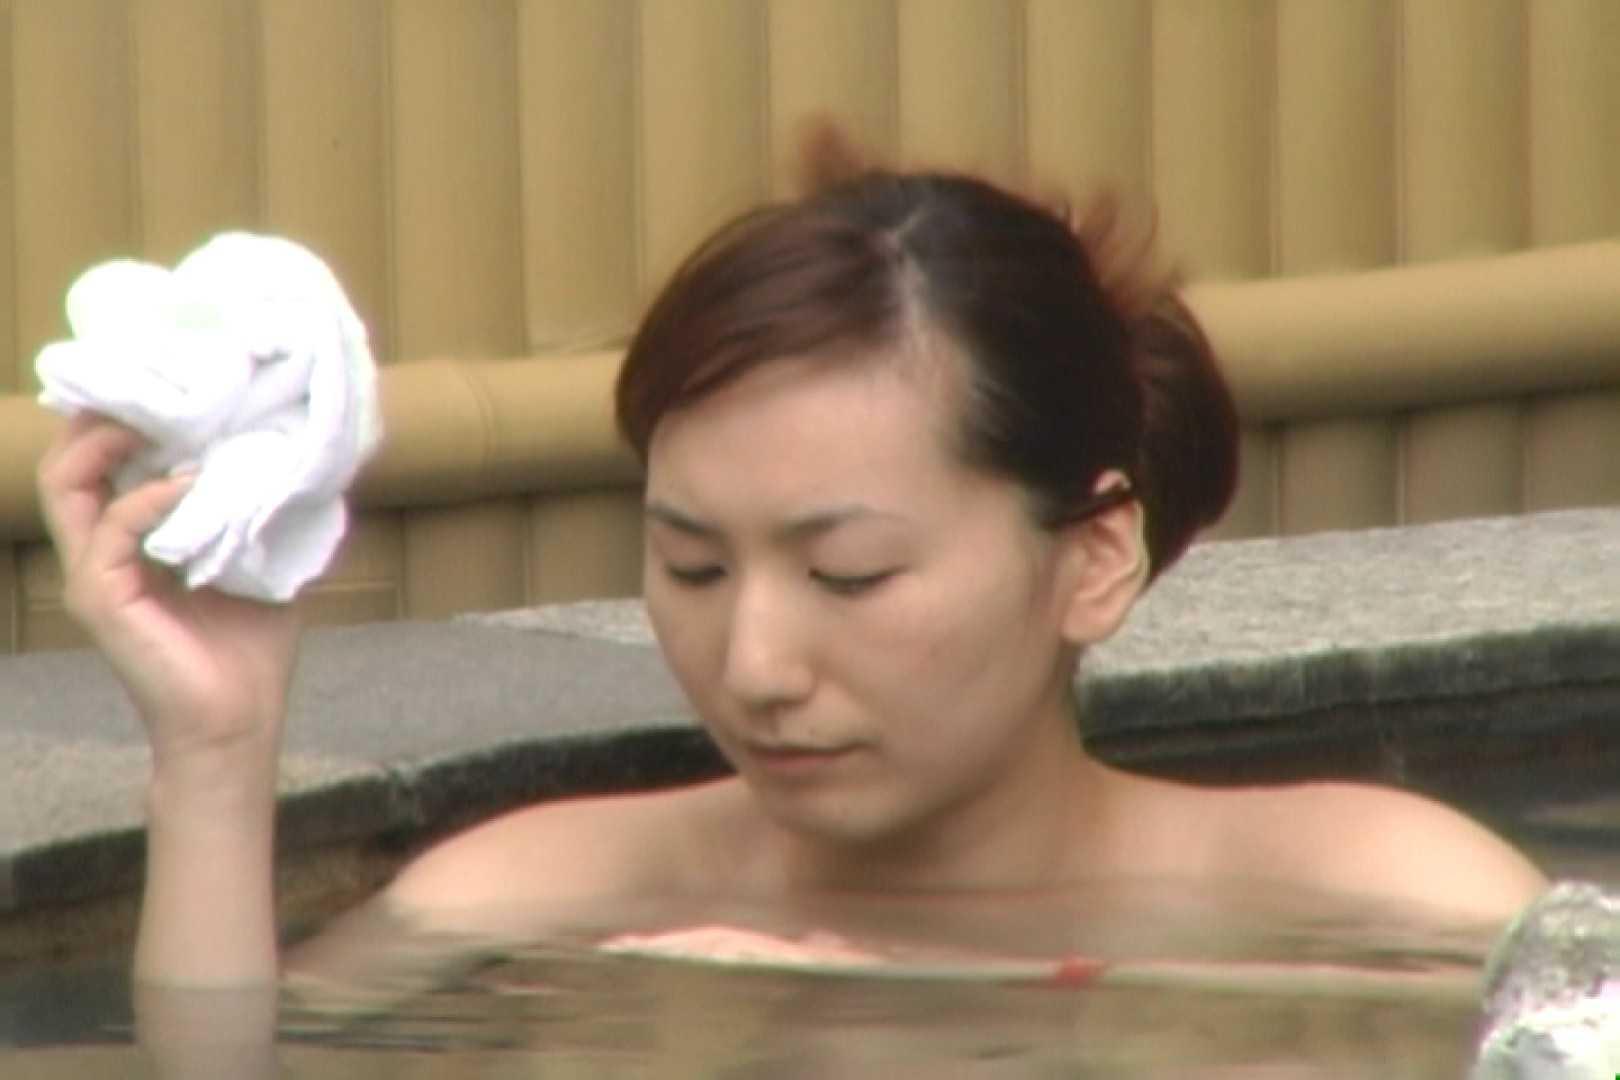 Aquaな露天風呂Vol.616 盗撮 性交動画流出 99画像 5